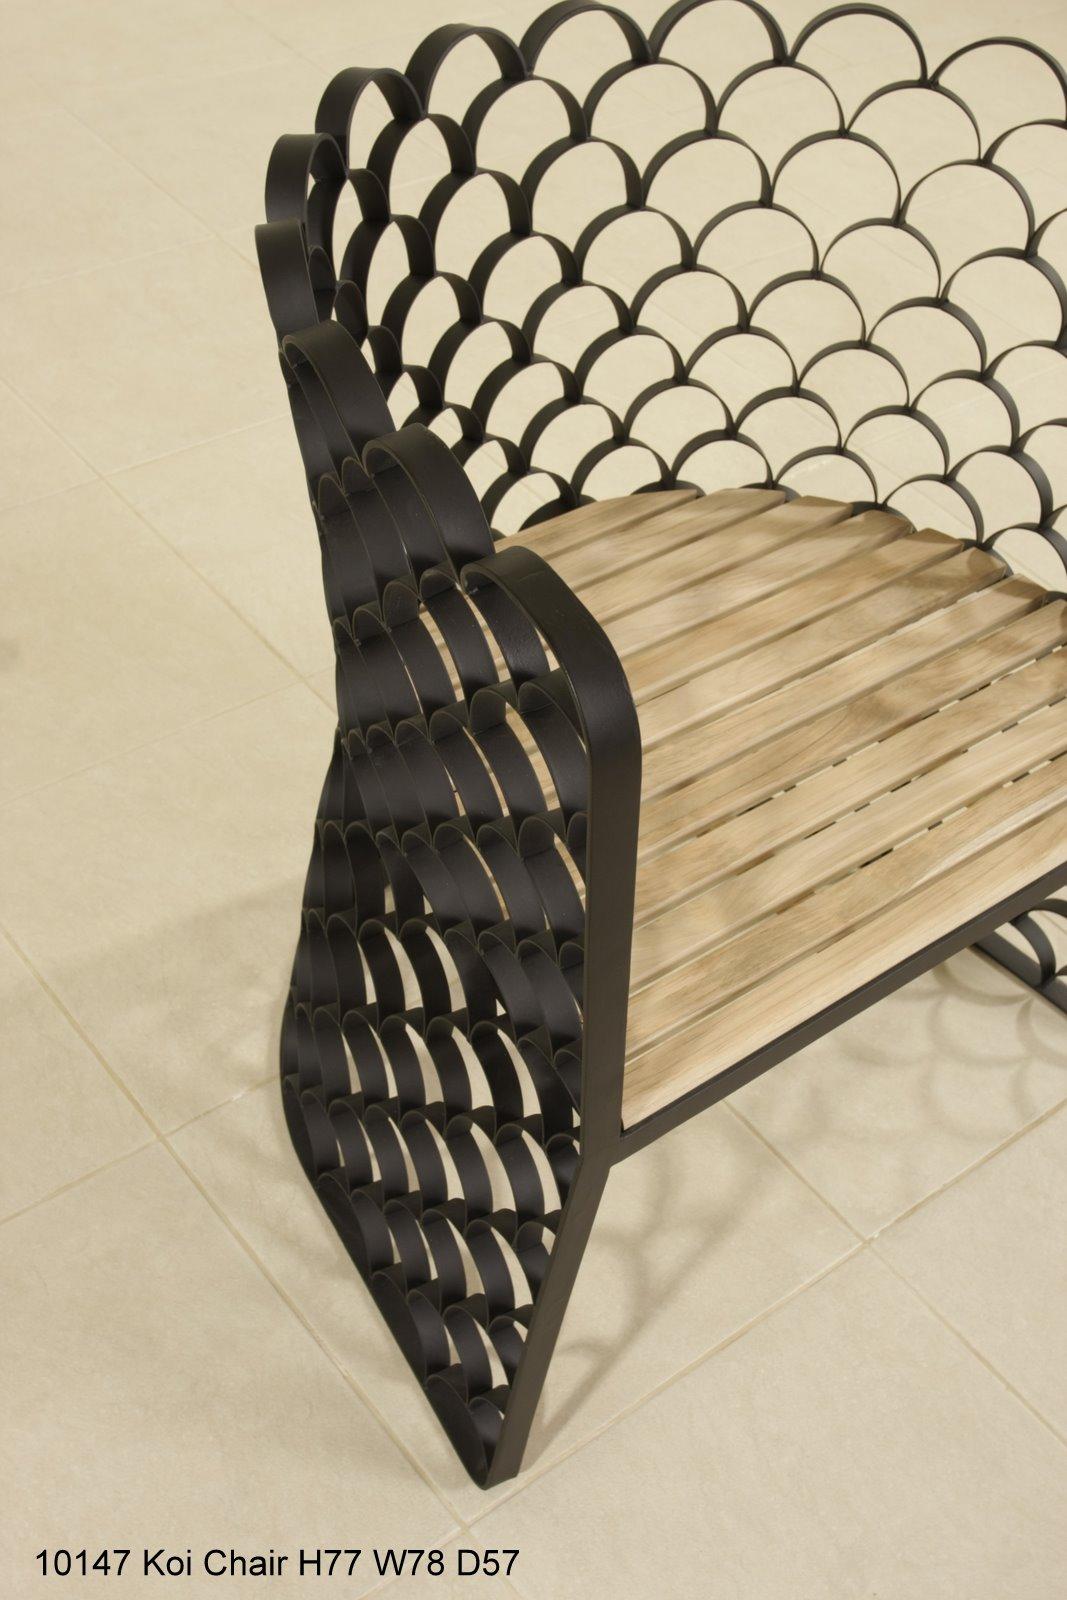 Koi chair_19.jpg